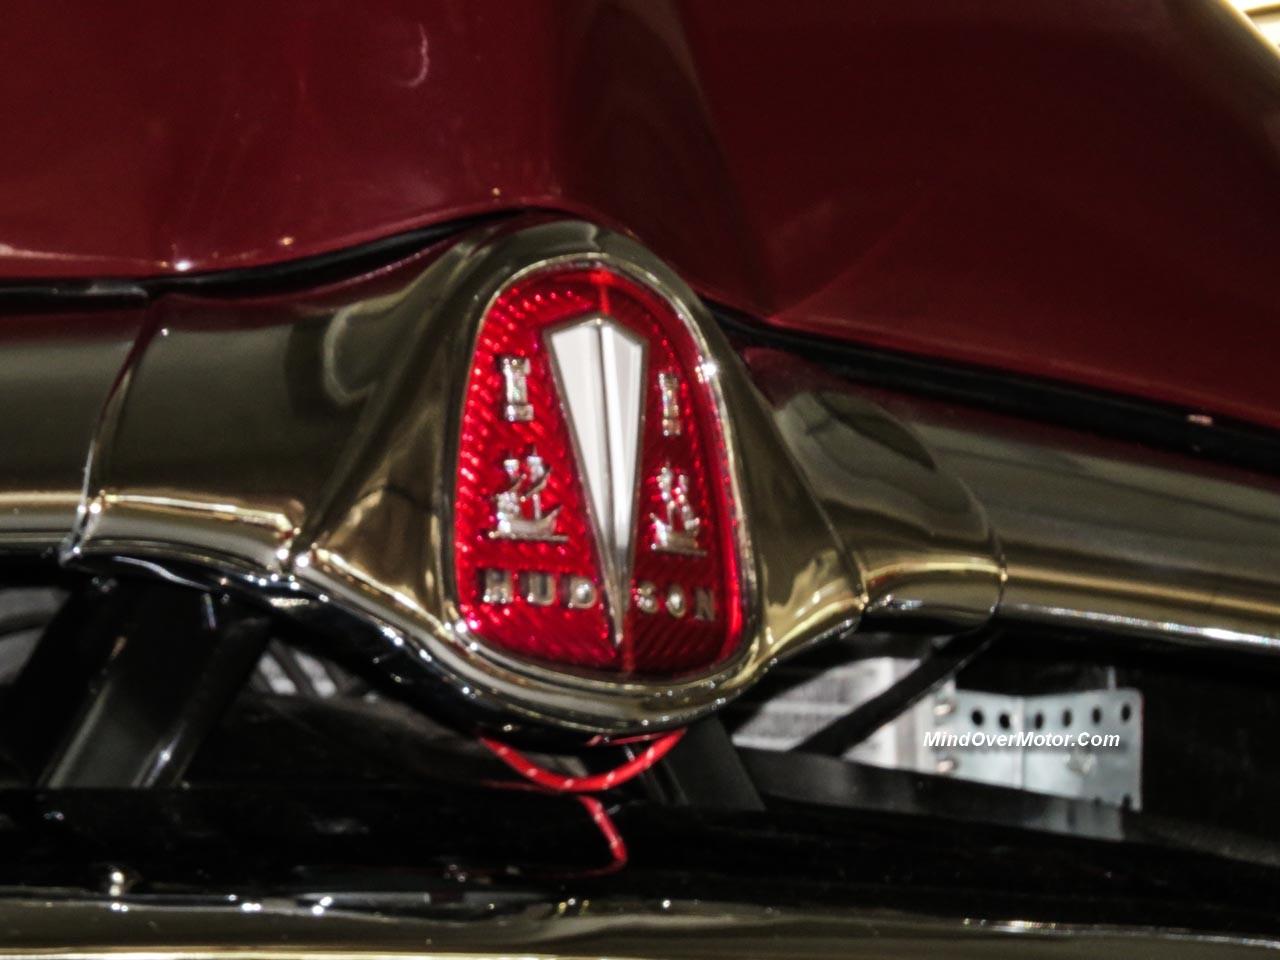 1953 Hudson Hornet Sedan Hood Ornament